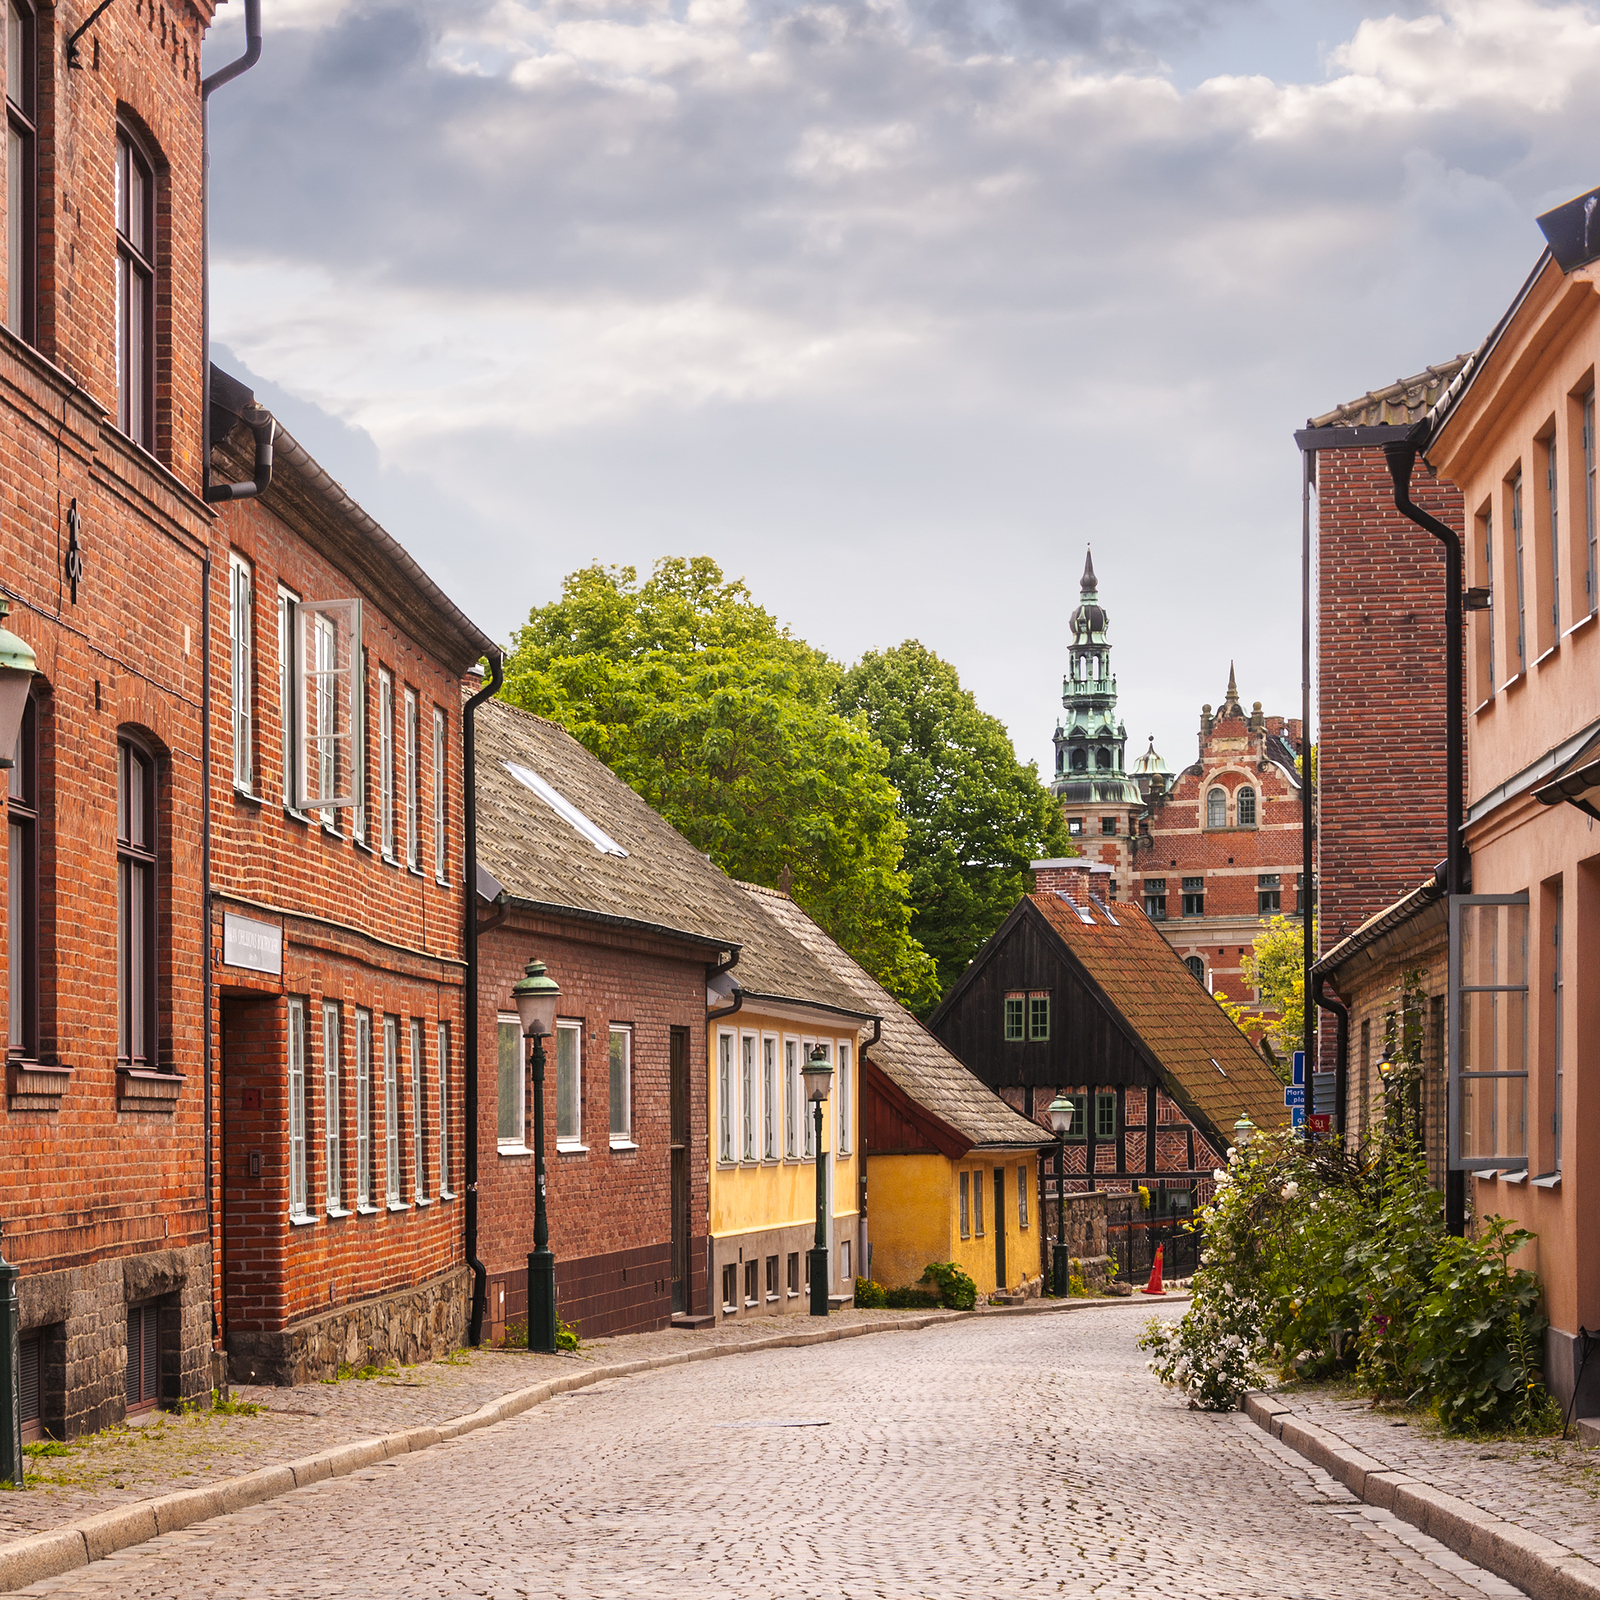 Hyr bil i Lund